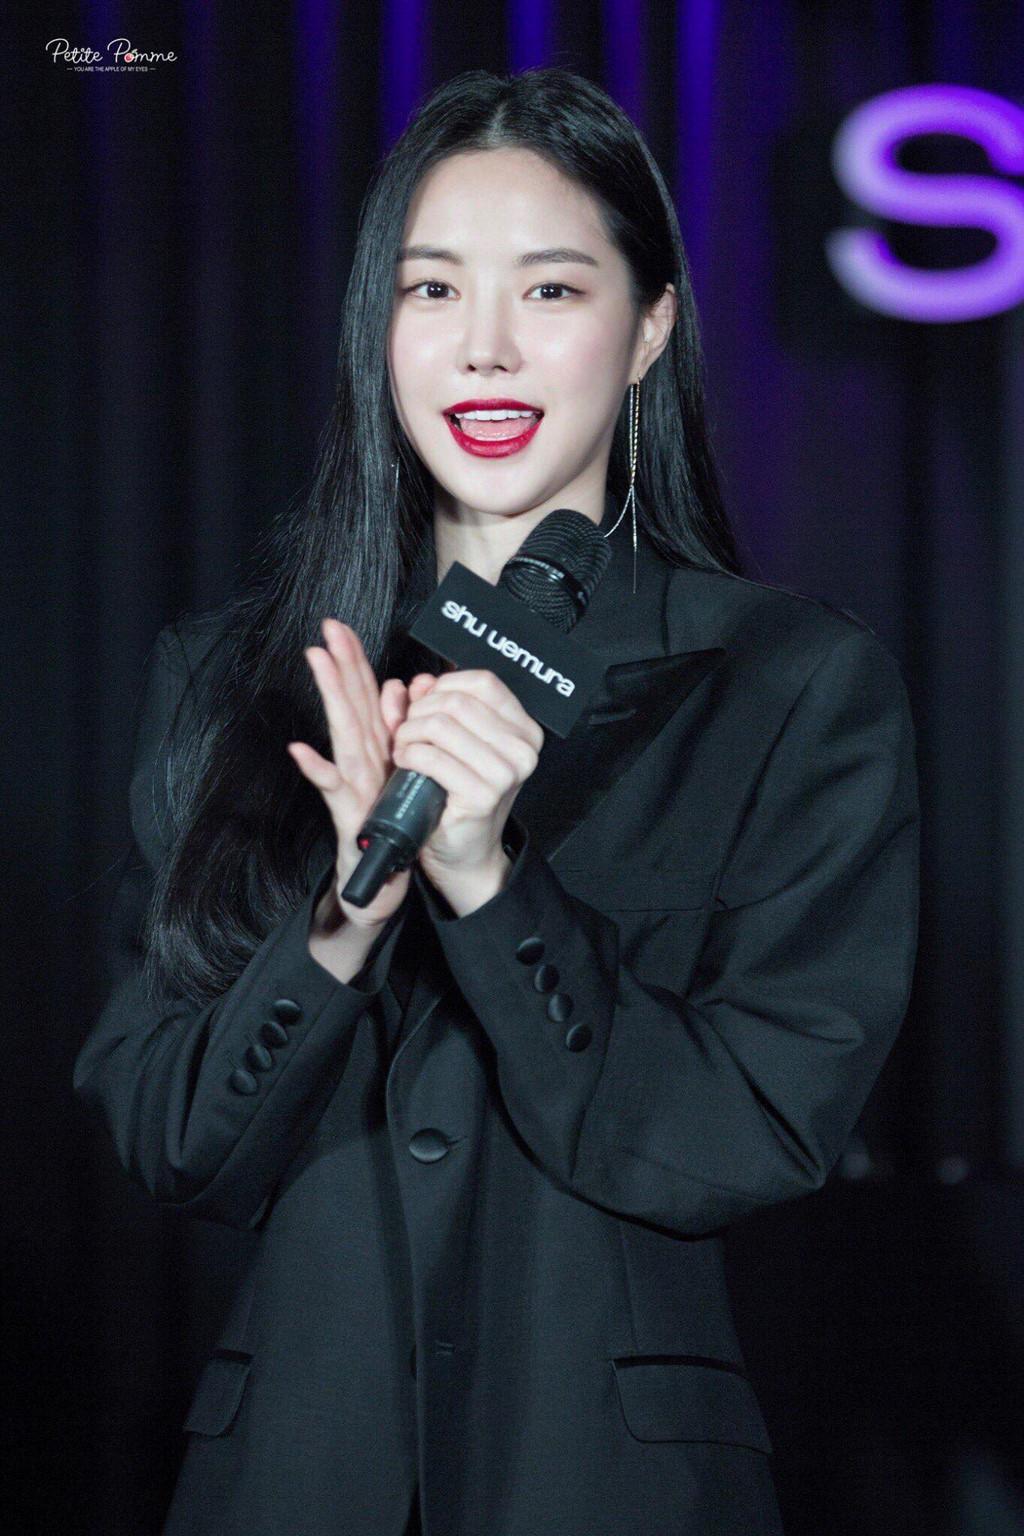 naeun-xinh-dep-nhu-nu-than-don-tim-fan (1)